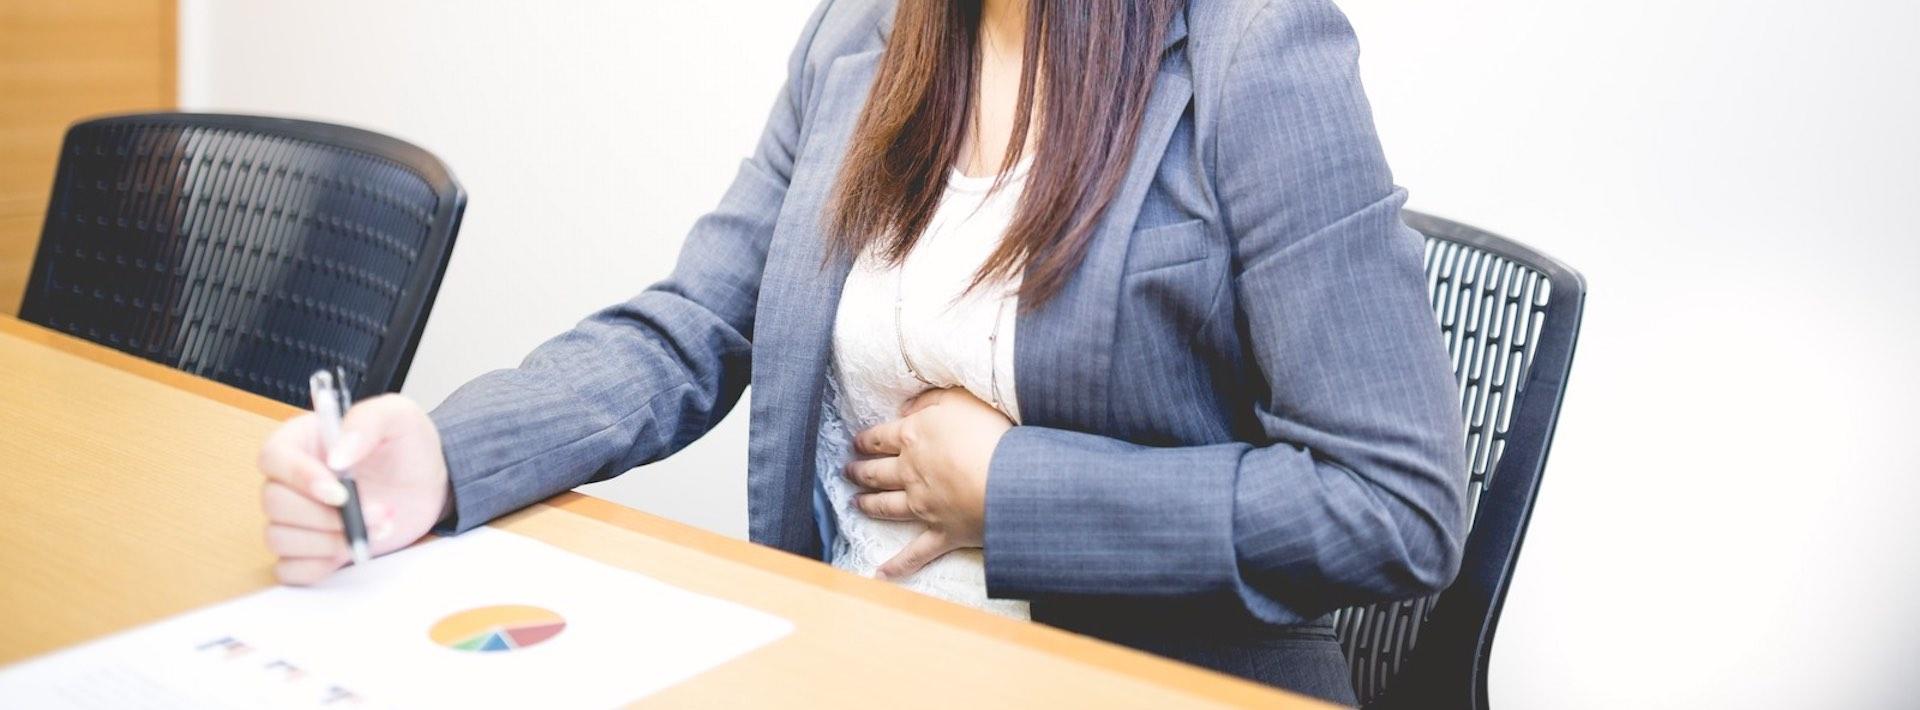 改善胃食道逆流不舒服症狀!醫師8招緩解壓力、脹氣、打嗝